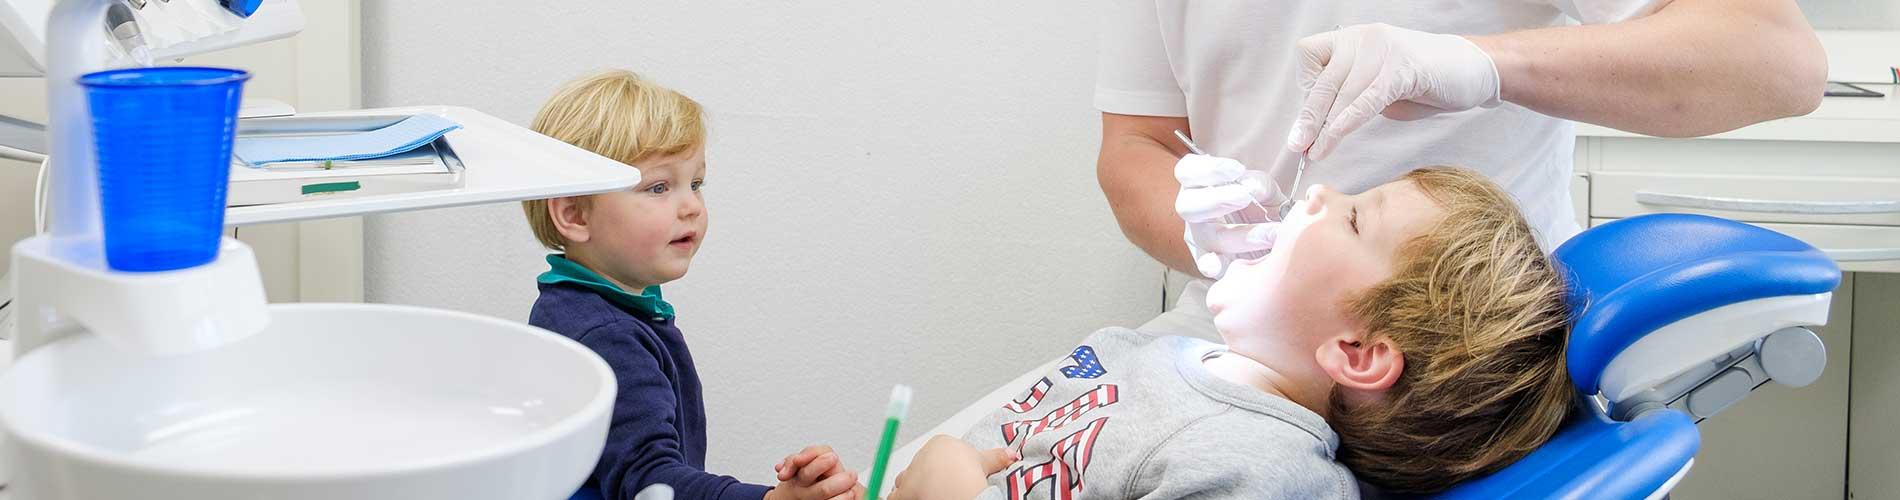 Onze tandartsen behandelen ook kinderen